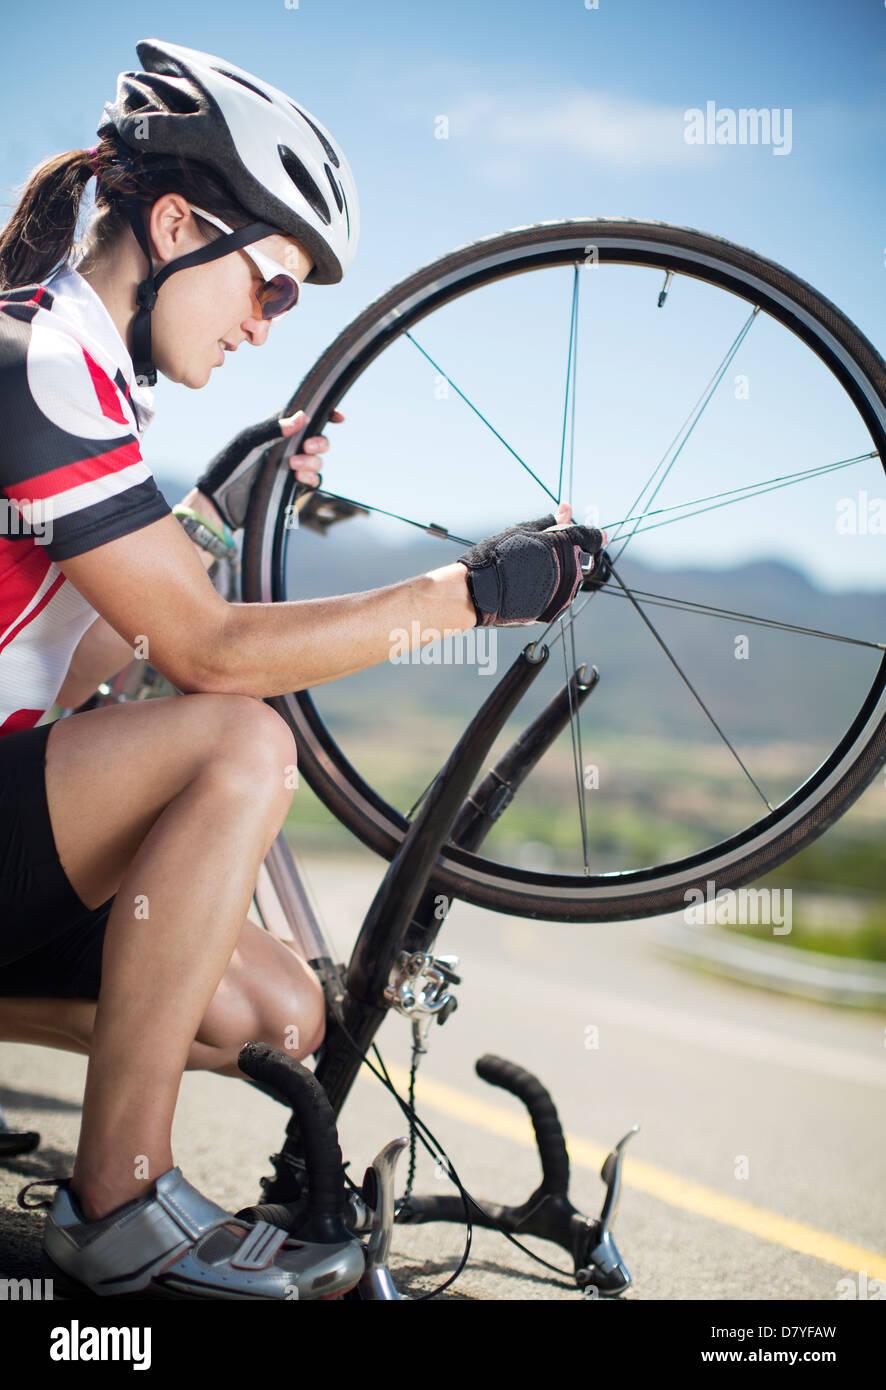 Ciclista ajustar el neumático en carretera rural Imagen De Stock